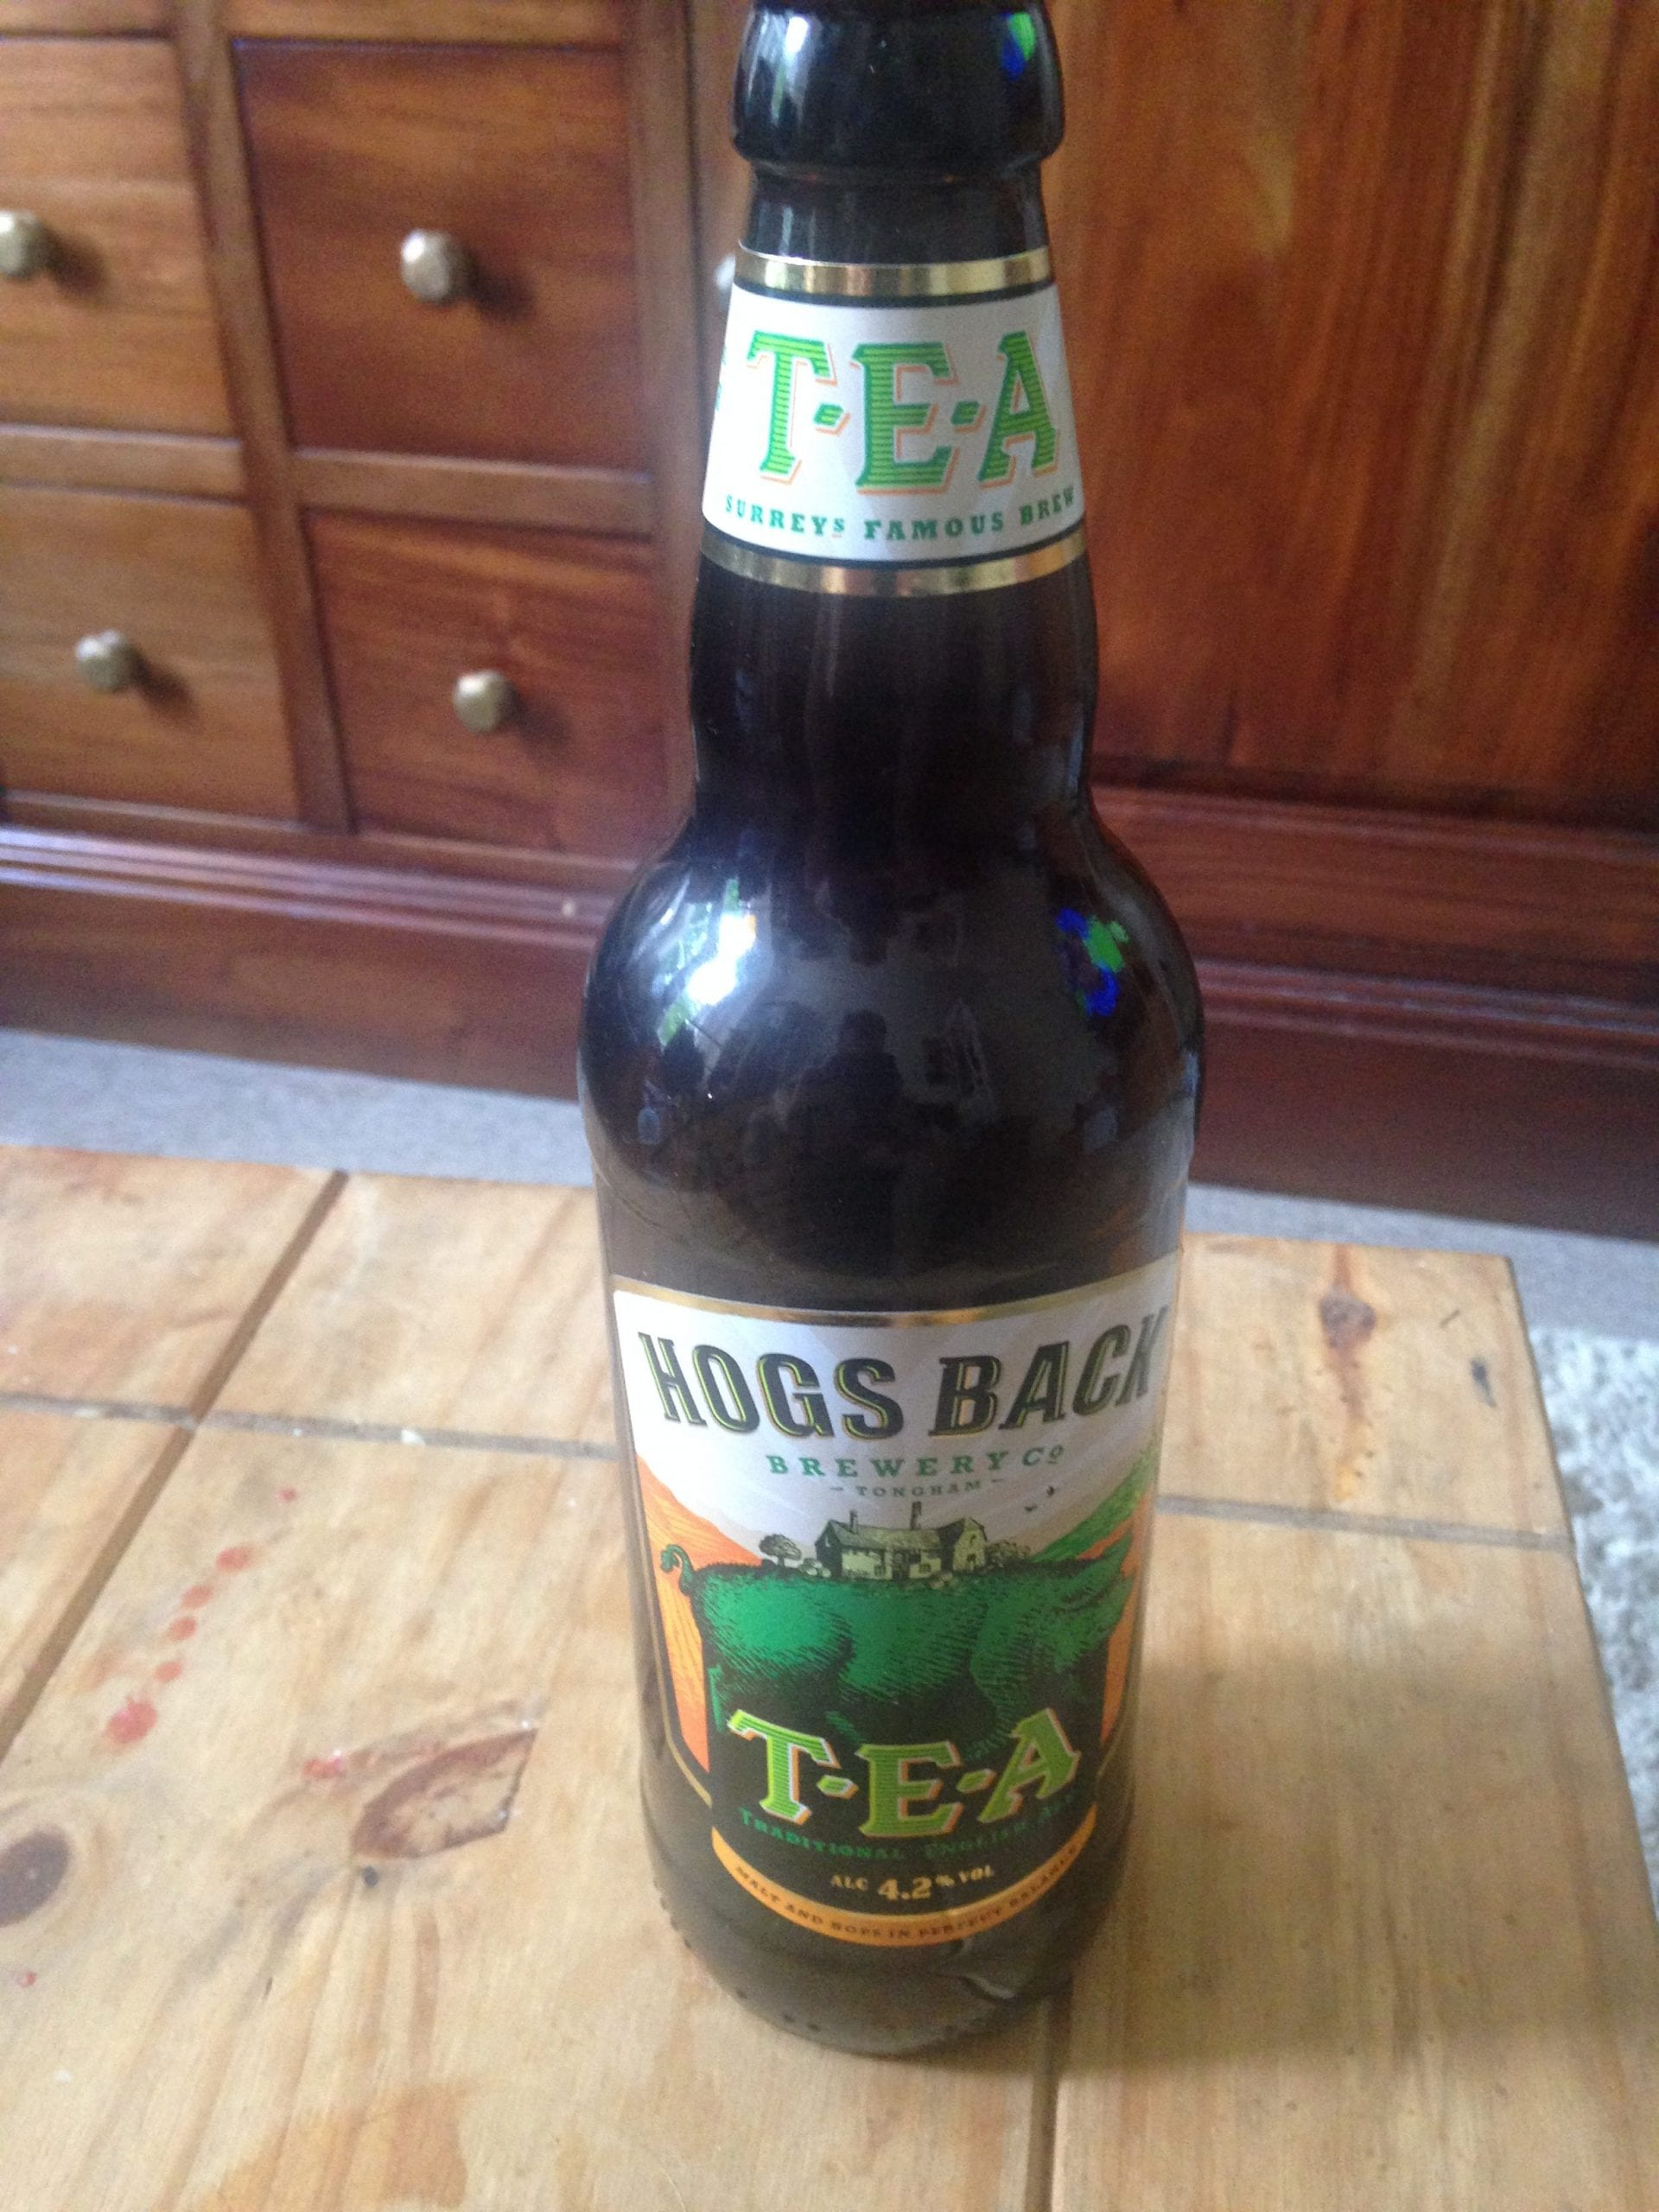 Beer, Hogs Back Brewery, TEA, looking back